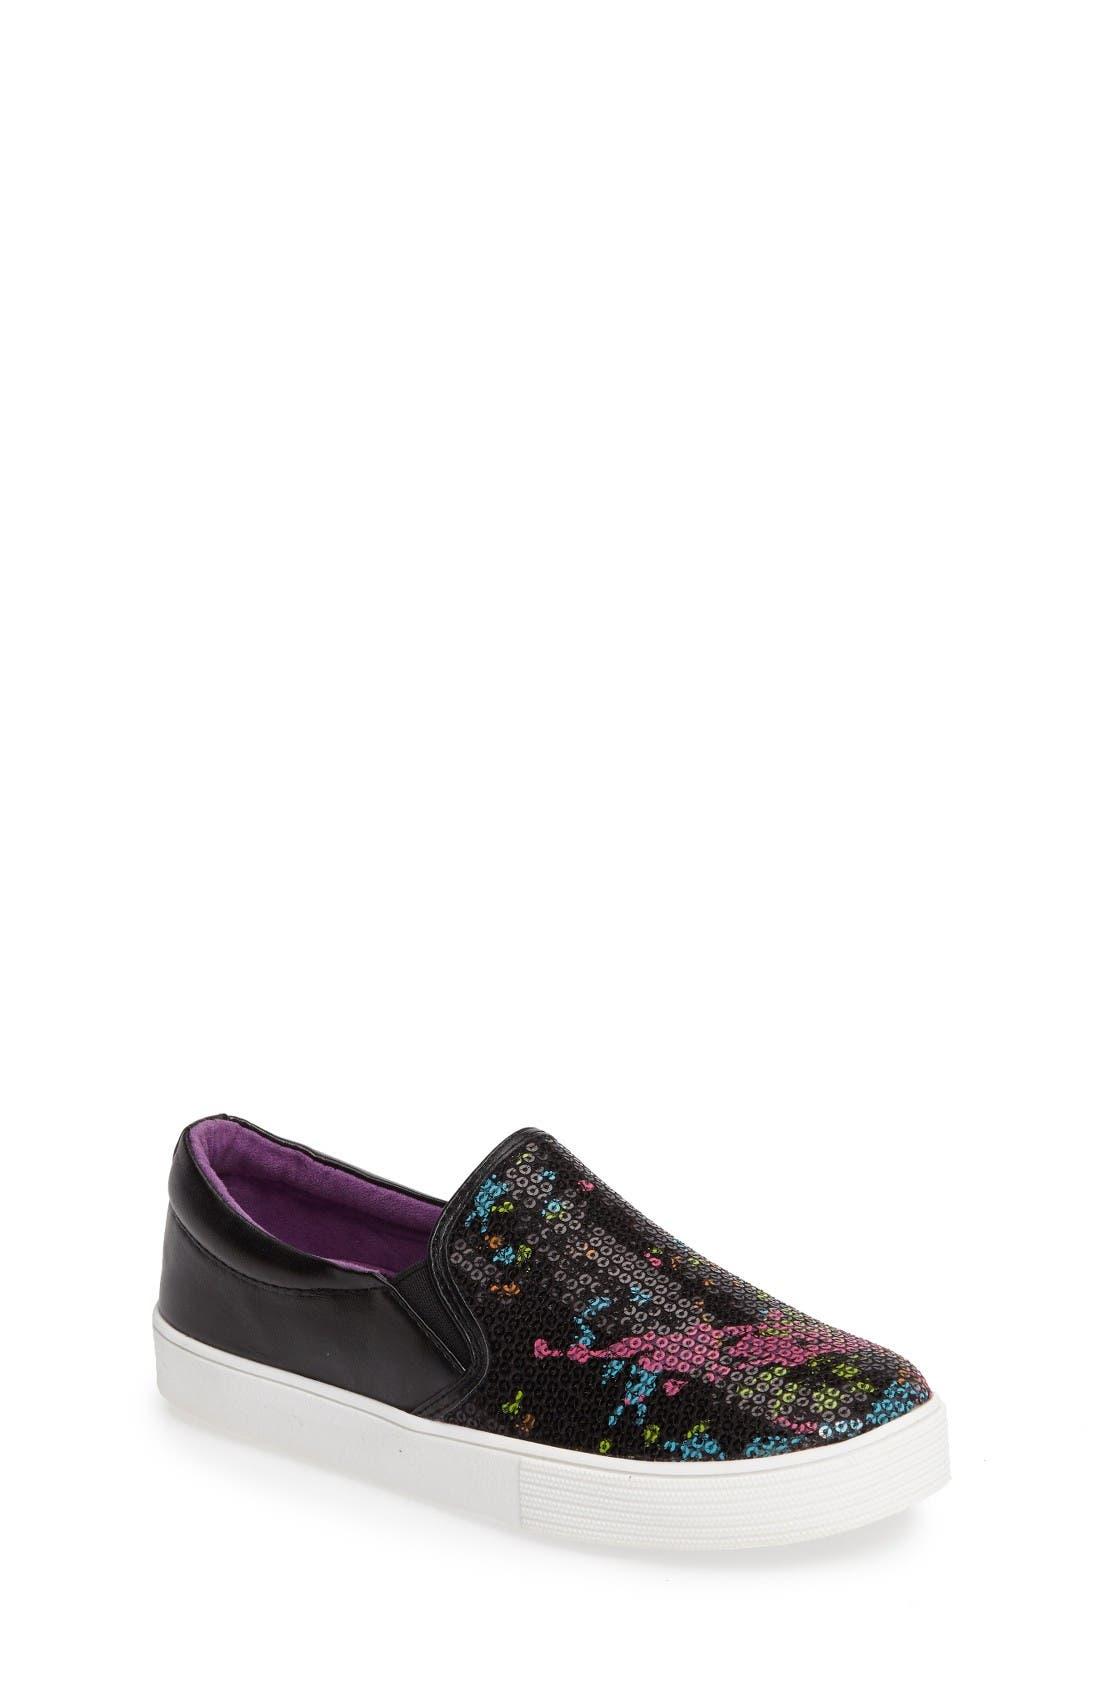 Kenneth Cole New York Kam Paint Slip-On Sneaker (Toddler, Little Kid & Big Kid)